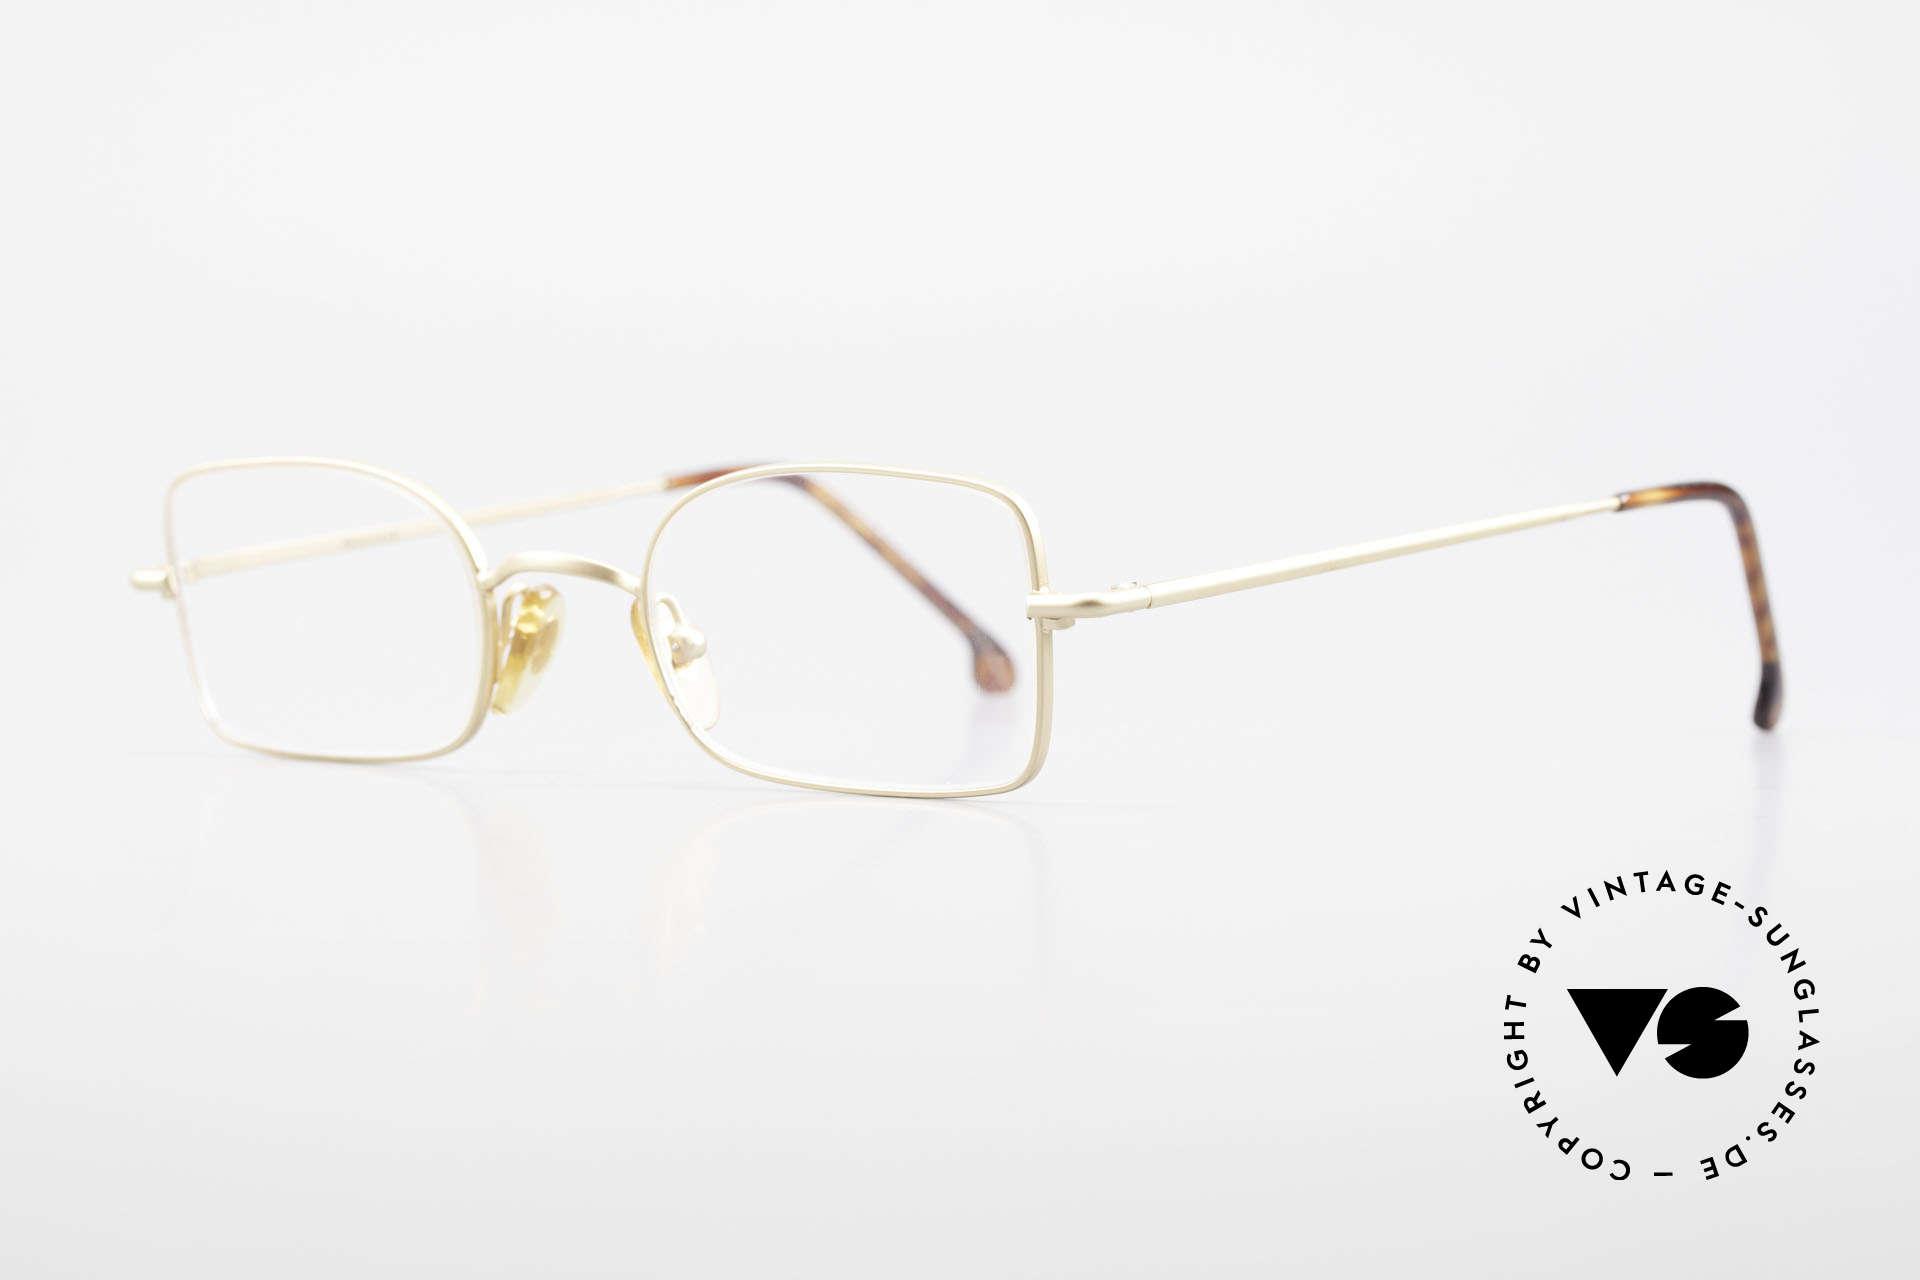 W Proksch's M19/9 Orig 90's Avantgarde Glasses, plain frame design & Japanese striving for quality, Made for Men and Women